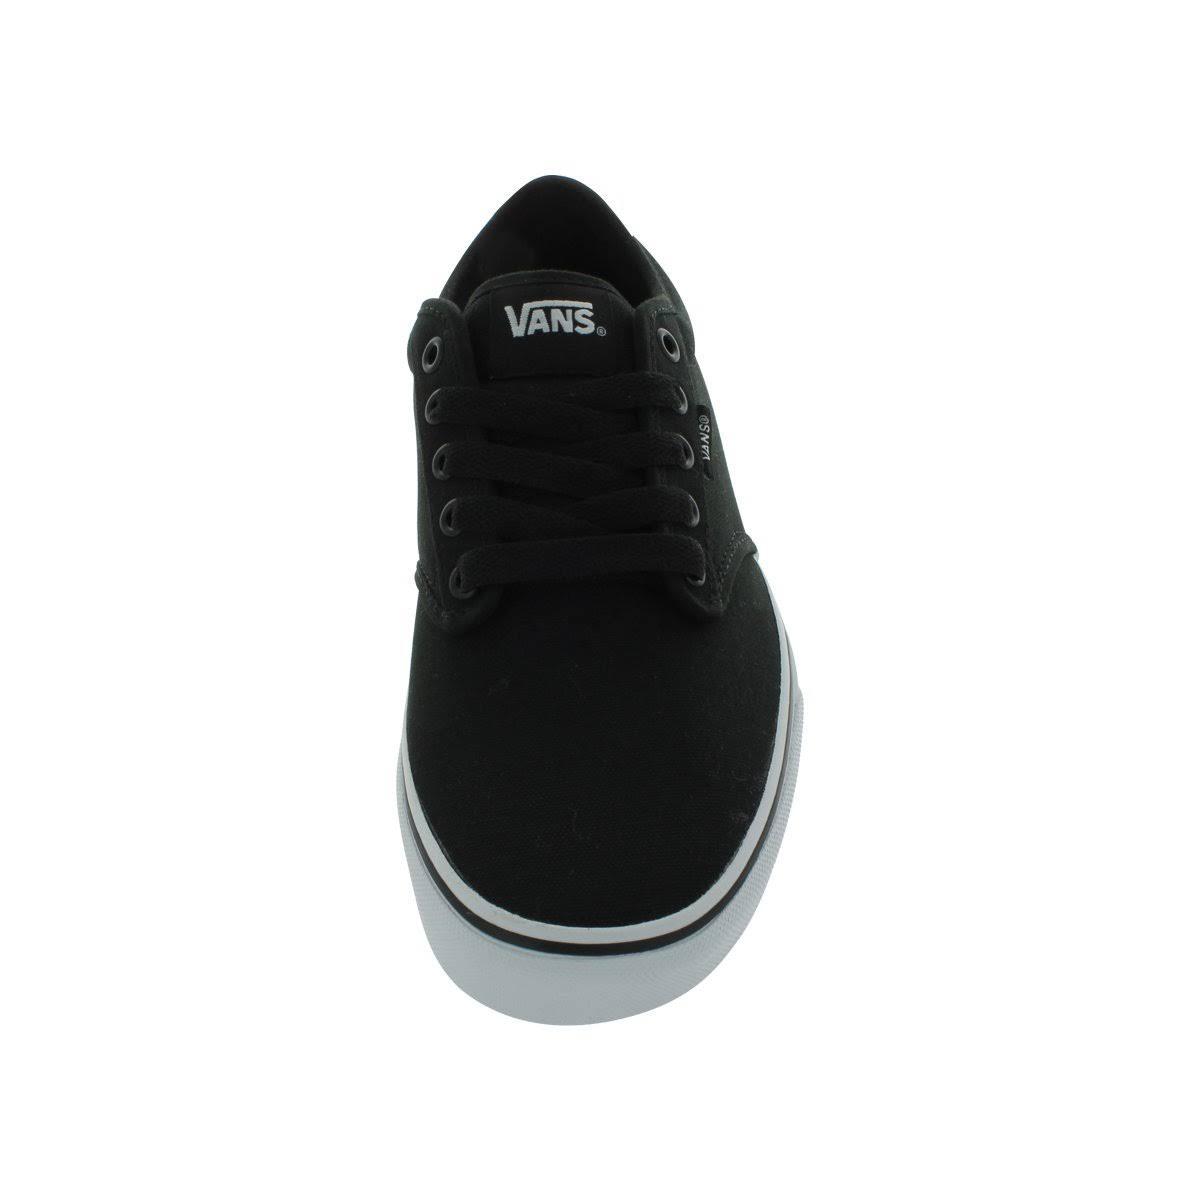 Blanco Negro Para De Atwood Skate Zapatillas Vtuy187 Colores 9 Vans Color Hombre Hombres 0BUwqxx